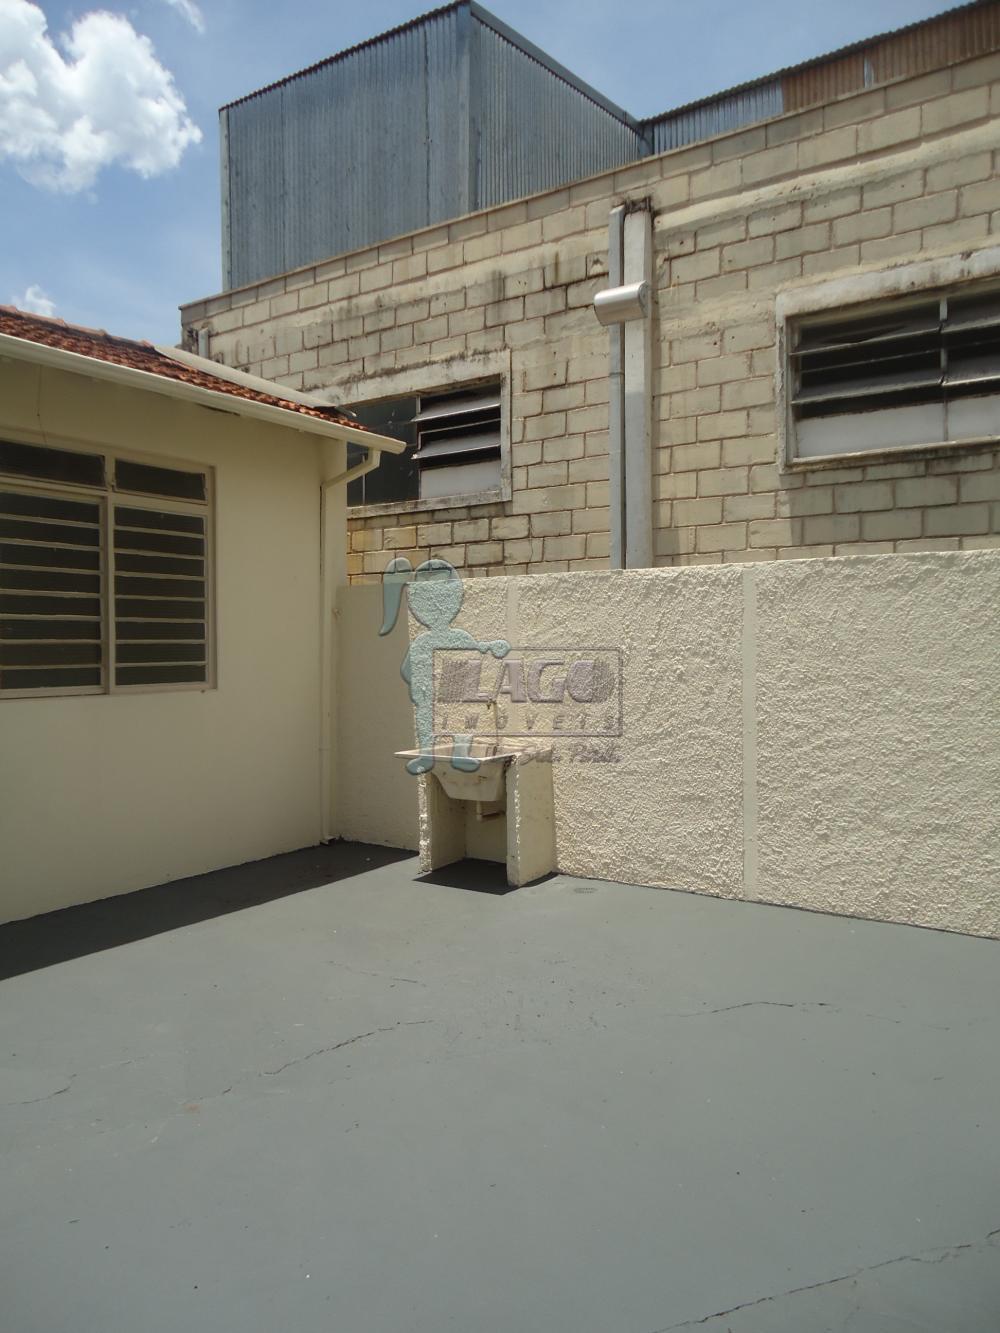 Comprar Comercial / Salão/Galpão em Ribeirão Preto apenas R$ 2.500.000,00 - Foto 5